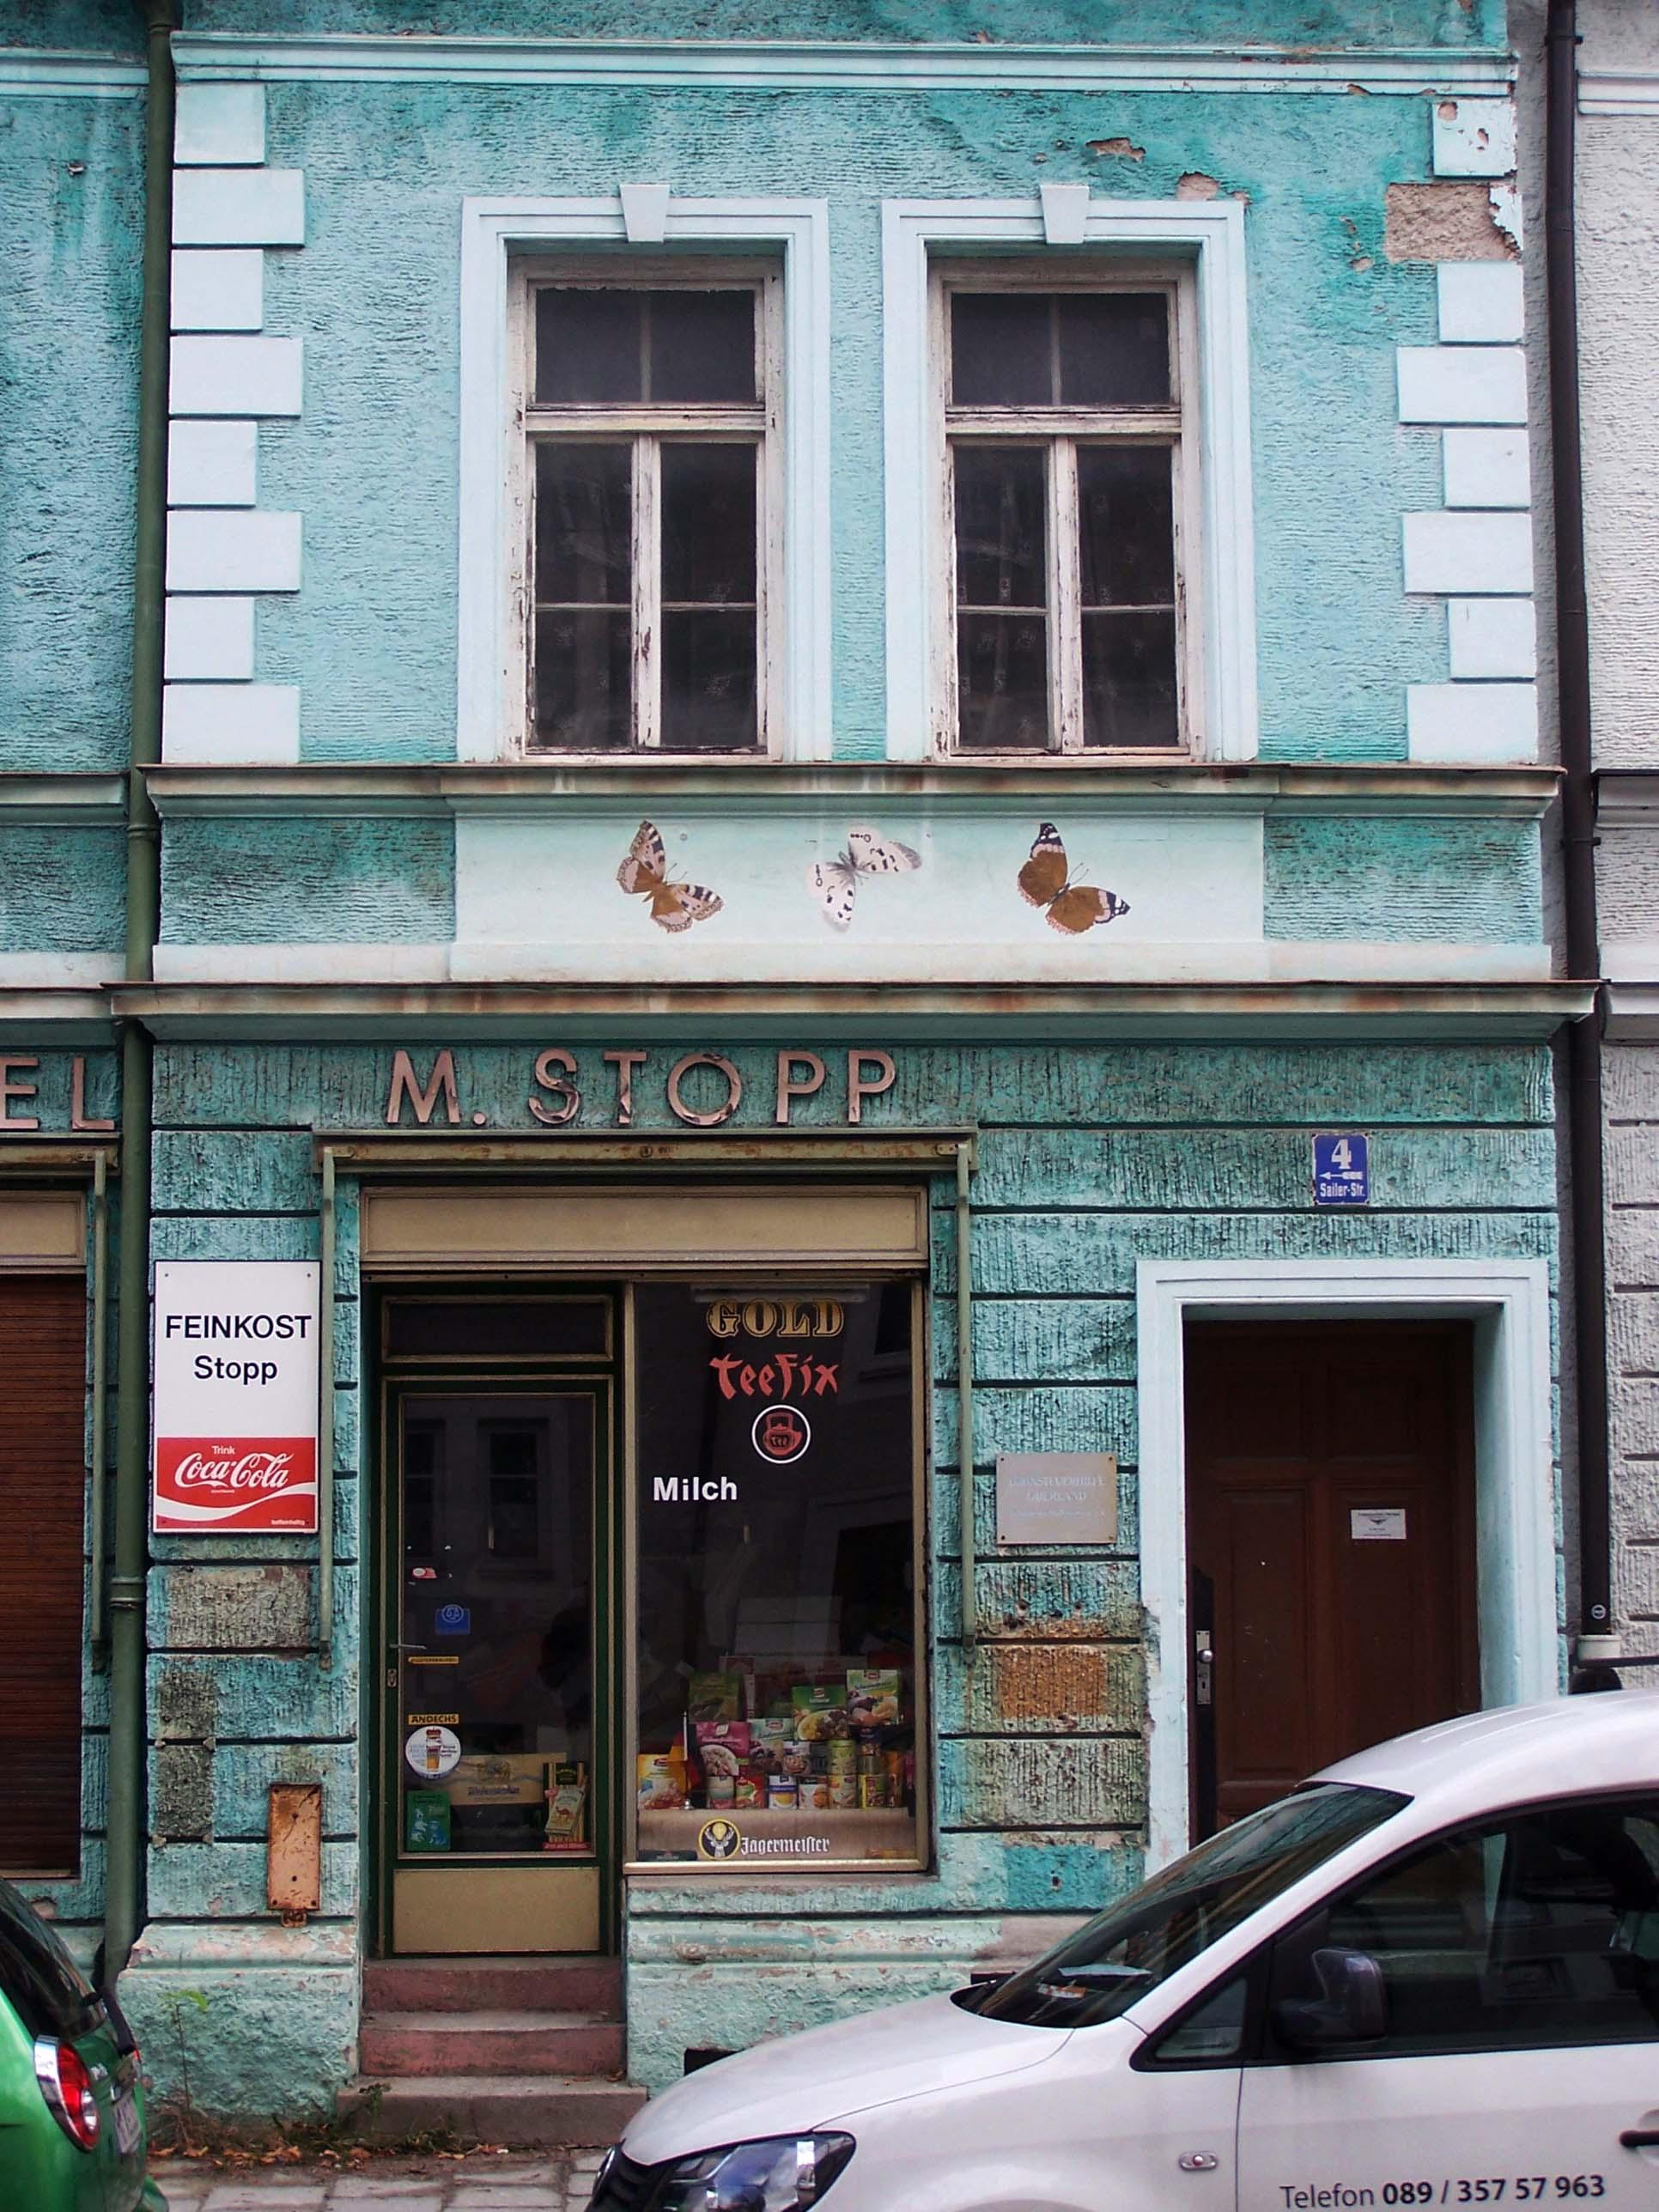 Feinkost M. Stopp, Sailerstraße